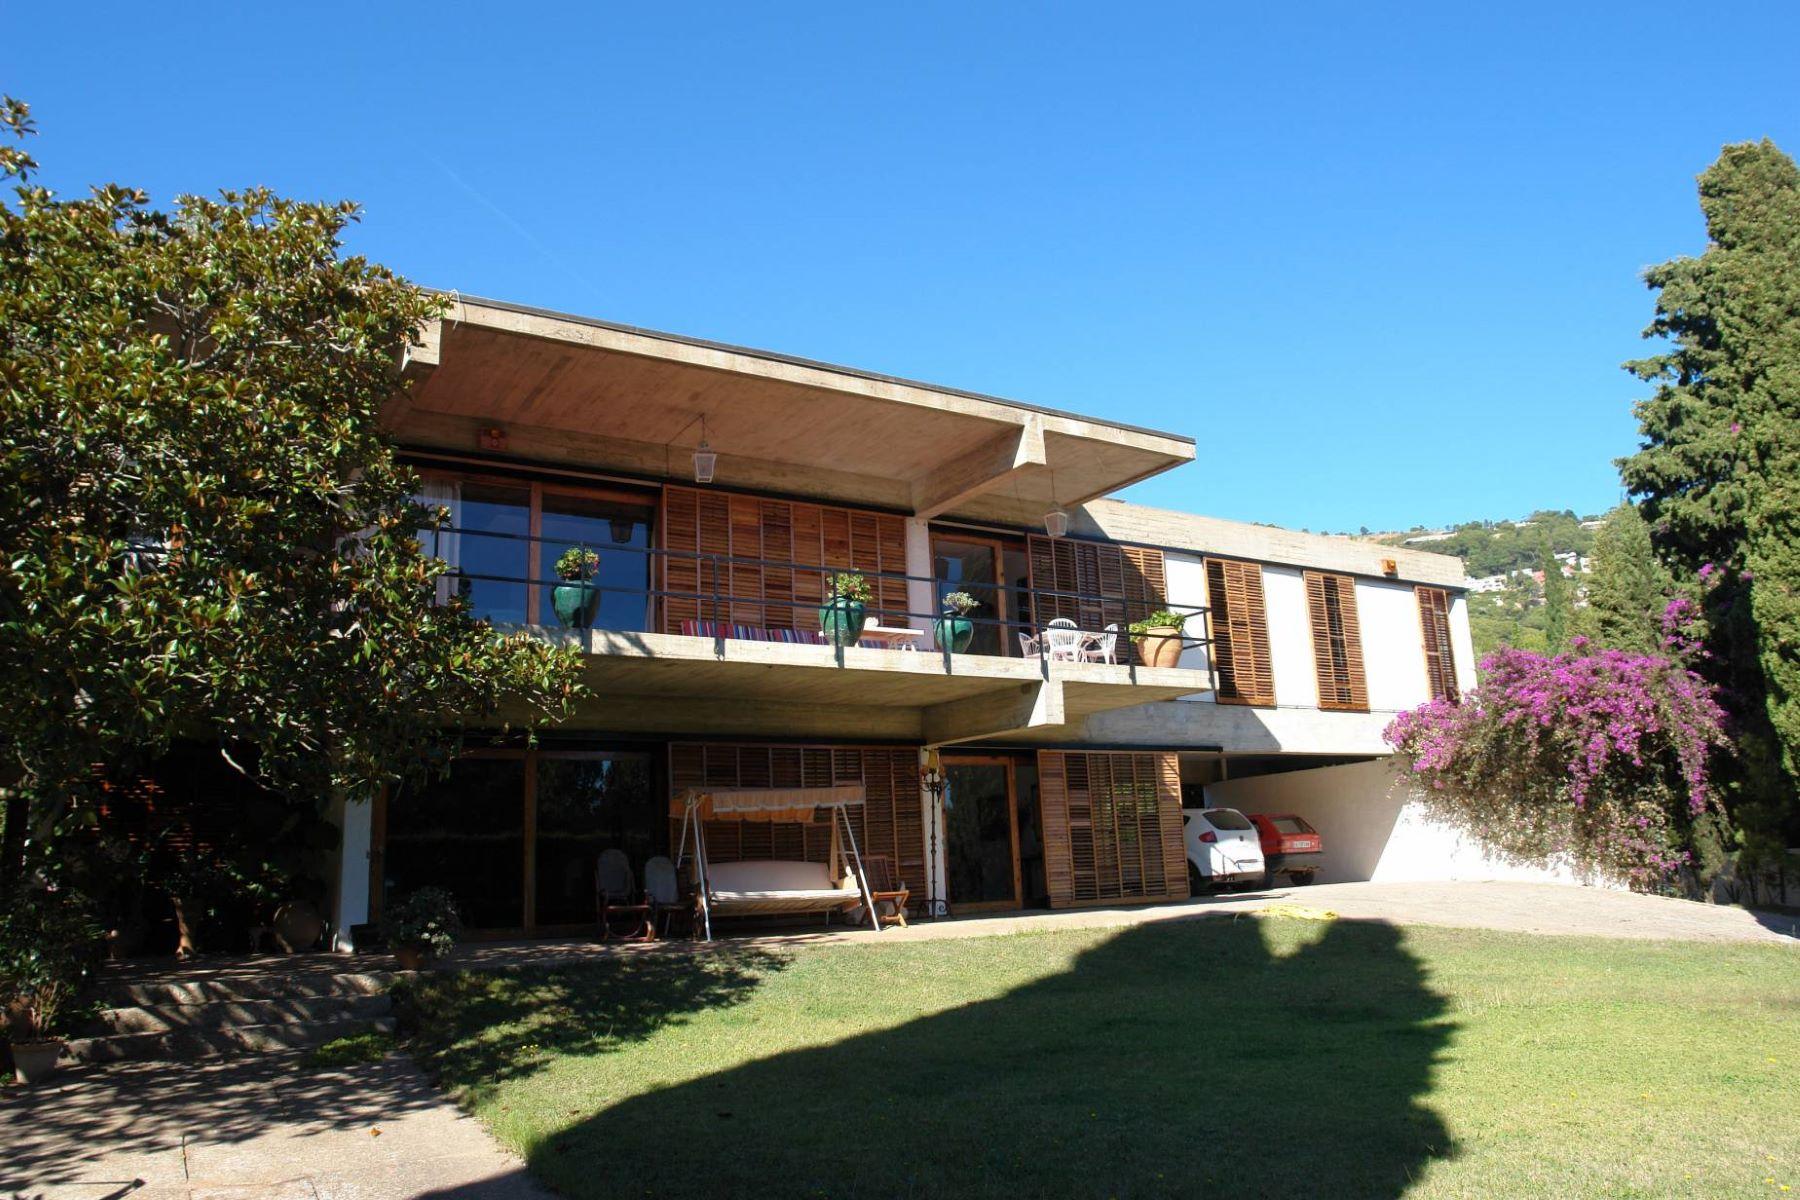 Tek Ailelik Ev için Satış at Casa in exclusive area near the sea Begur, Costa Brava, 17255 Ispanya